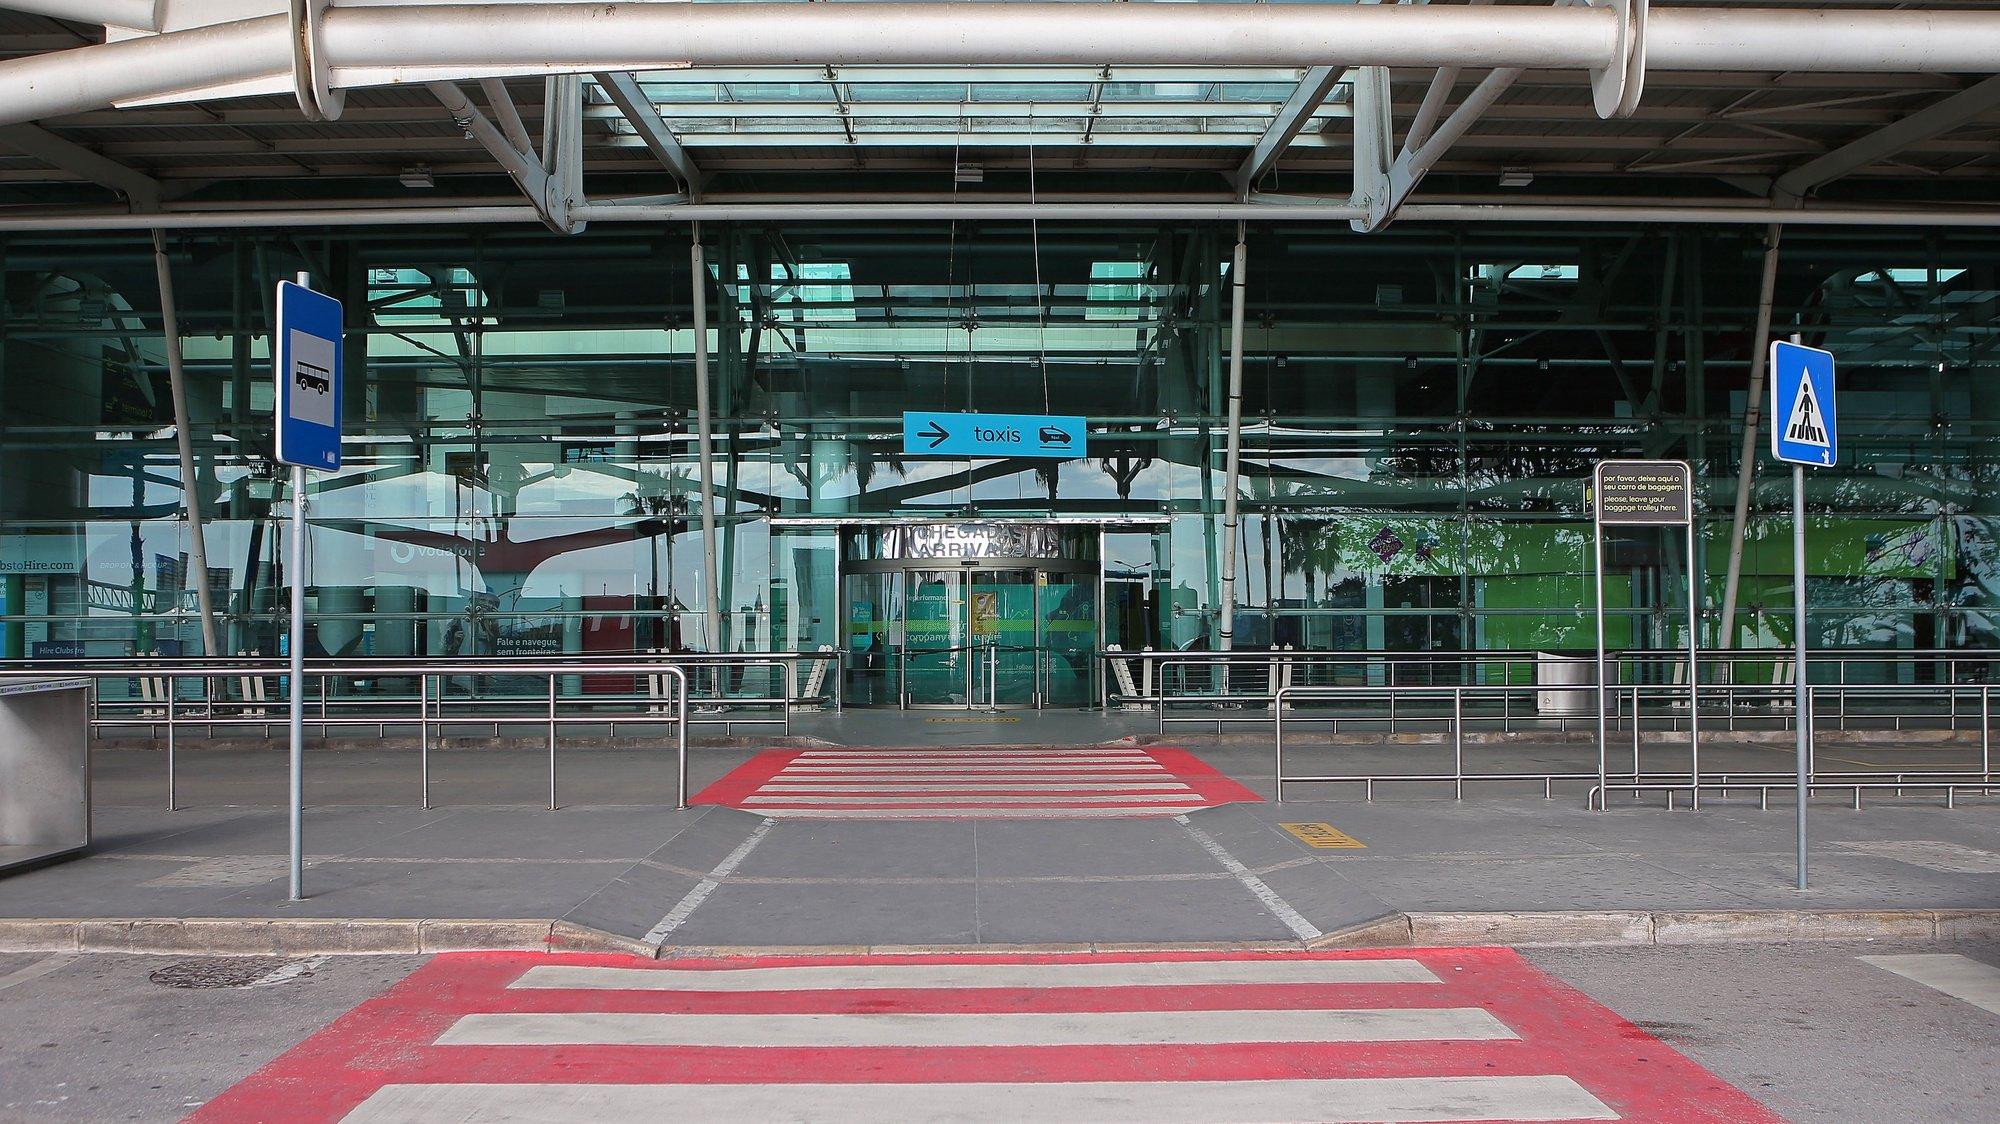 Entrada do Aeroporto Humberto Delgado, em Lisboa, 26 de abril de 2020. O terceiro estado de emergência, devido à pandemia de Covid-19, irá prolongar-se até dia 02 de maio, continuando limitada a circulação de pessoas e o confinamento obrigatório. ANTÓNIO PEDRO SANTOS/LUSA